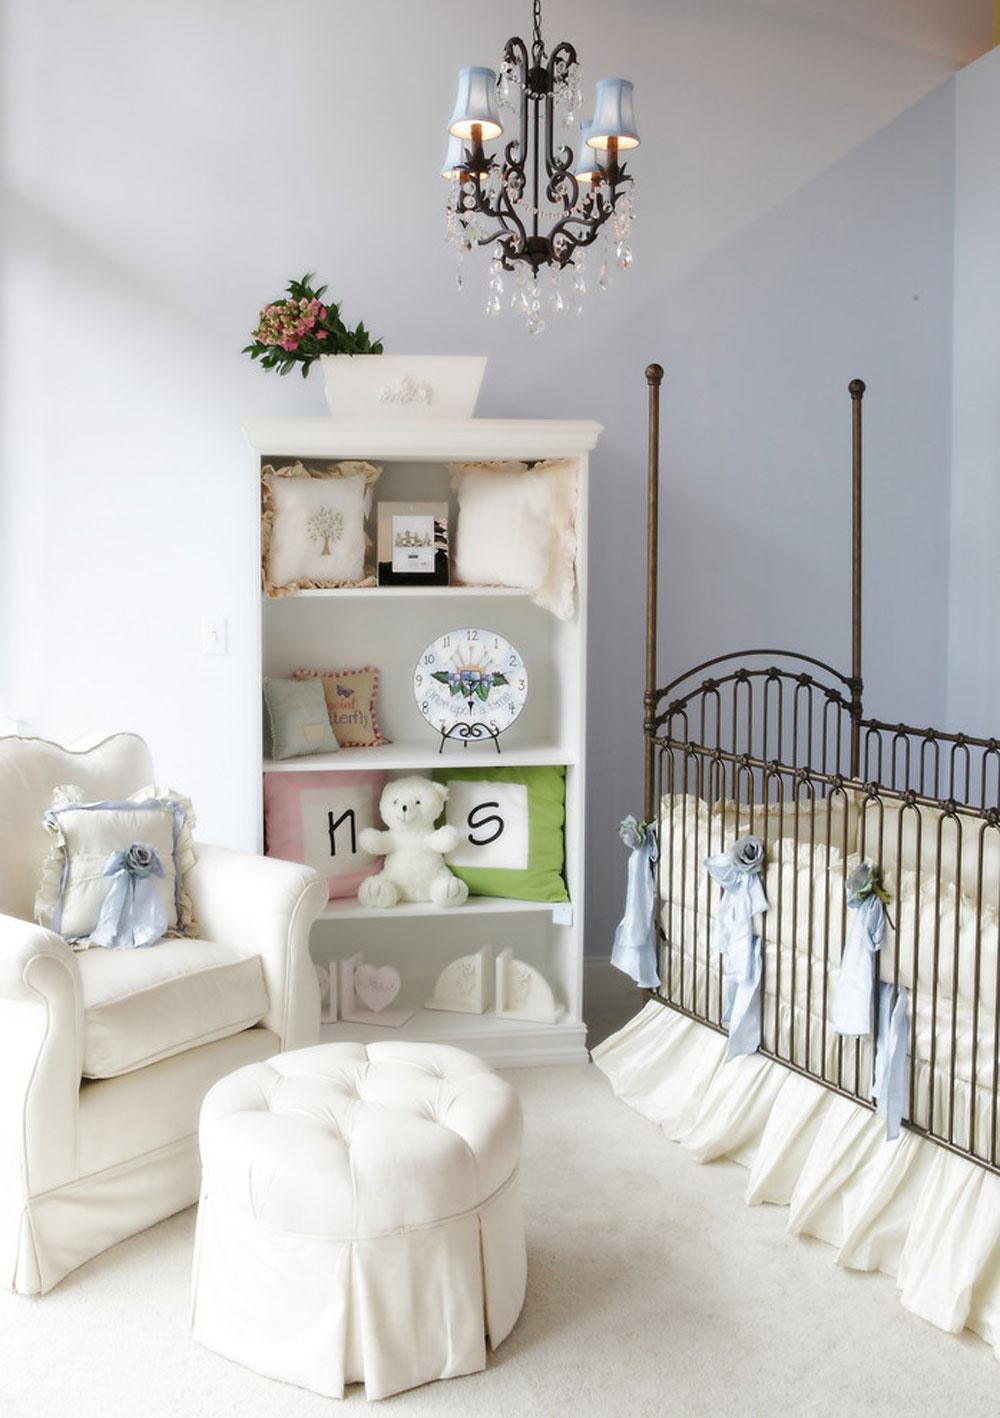 141 barnfamiljens färgscheman för ditt babyrum